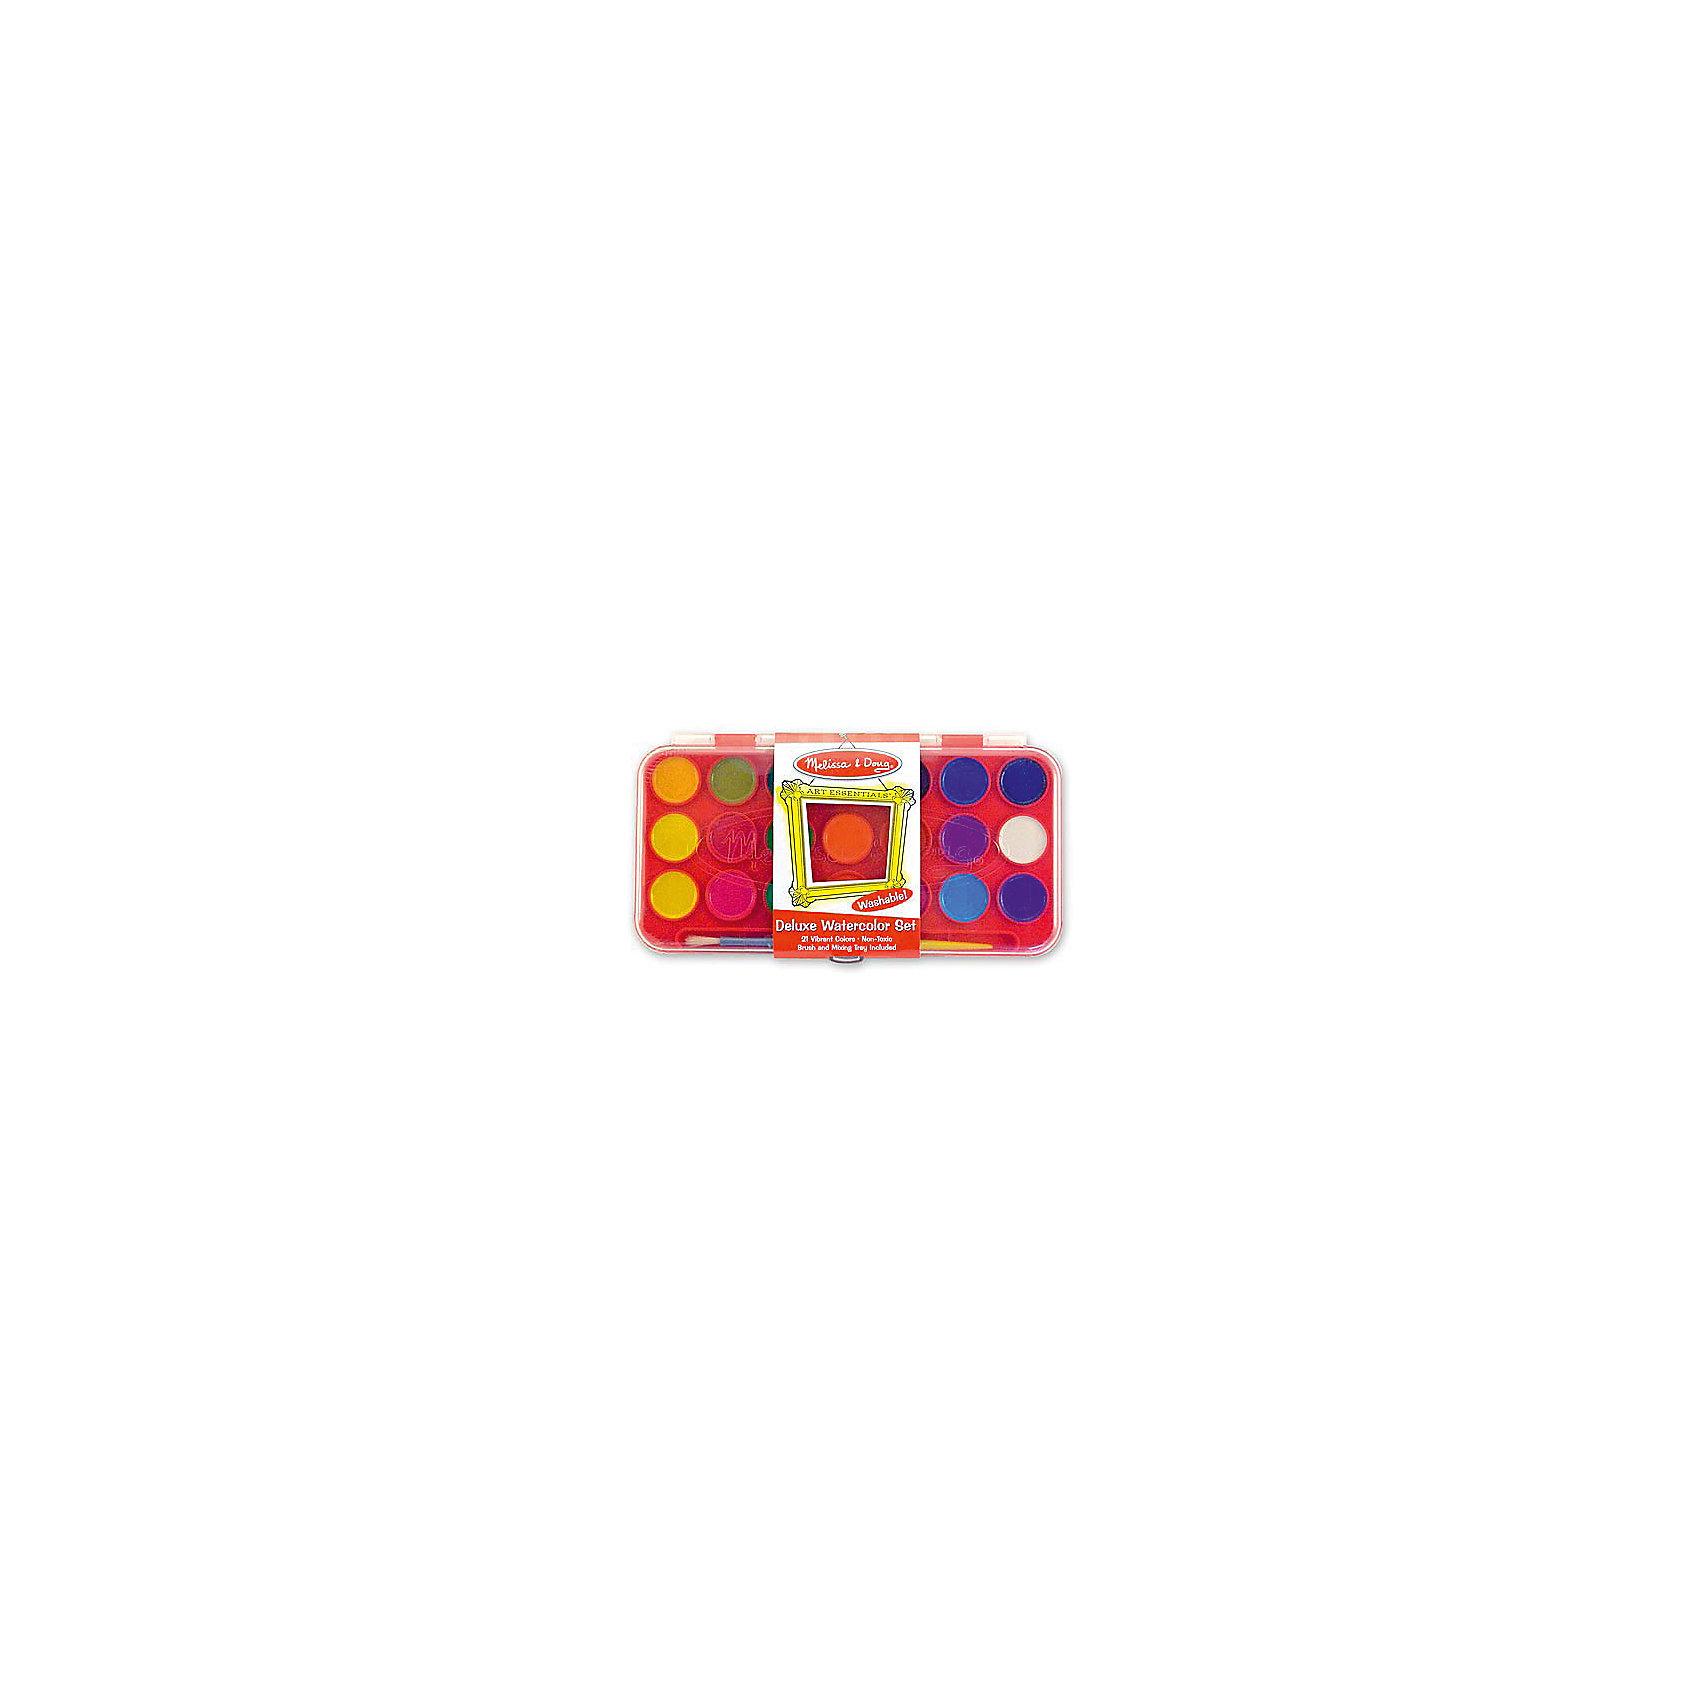 Набор акварельных красок Делюкс, 21 цветНабор позволит ребенку полностью проявить свою фантазию и нарисовать множество рисунков разноцветными красками из комплекта. А для того, чтобы Ваш малыш больше погрузился в мир картин, в наборе большая политра ярких акварельных красок.<br><br>Дополнительная информация:<br><br>- Возраст: от 3 лет.<br>- В набор входит: кисточка и краски 12 цветов.<br>- Материал: пластик.<br>- Размер упаковки: 15х1х12 см.<br><br>Купить набор акварельных красок можно в нашем магазине.<br><br>Ширина мм: 250<br>Глубина мм: 20<br>Высота мм: 130<br>Вес г: 250<br>Возраст от месяцев: 36<br>Возраст до месяцев: 120<br>Пол: Унисекс<br>Возраст: Детский<br>SKU: 4865270